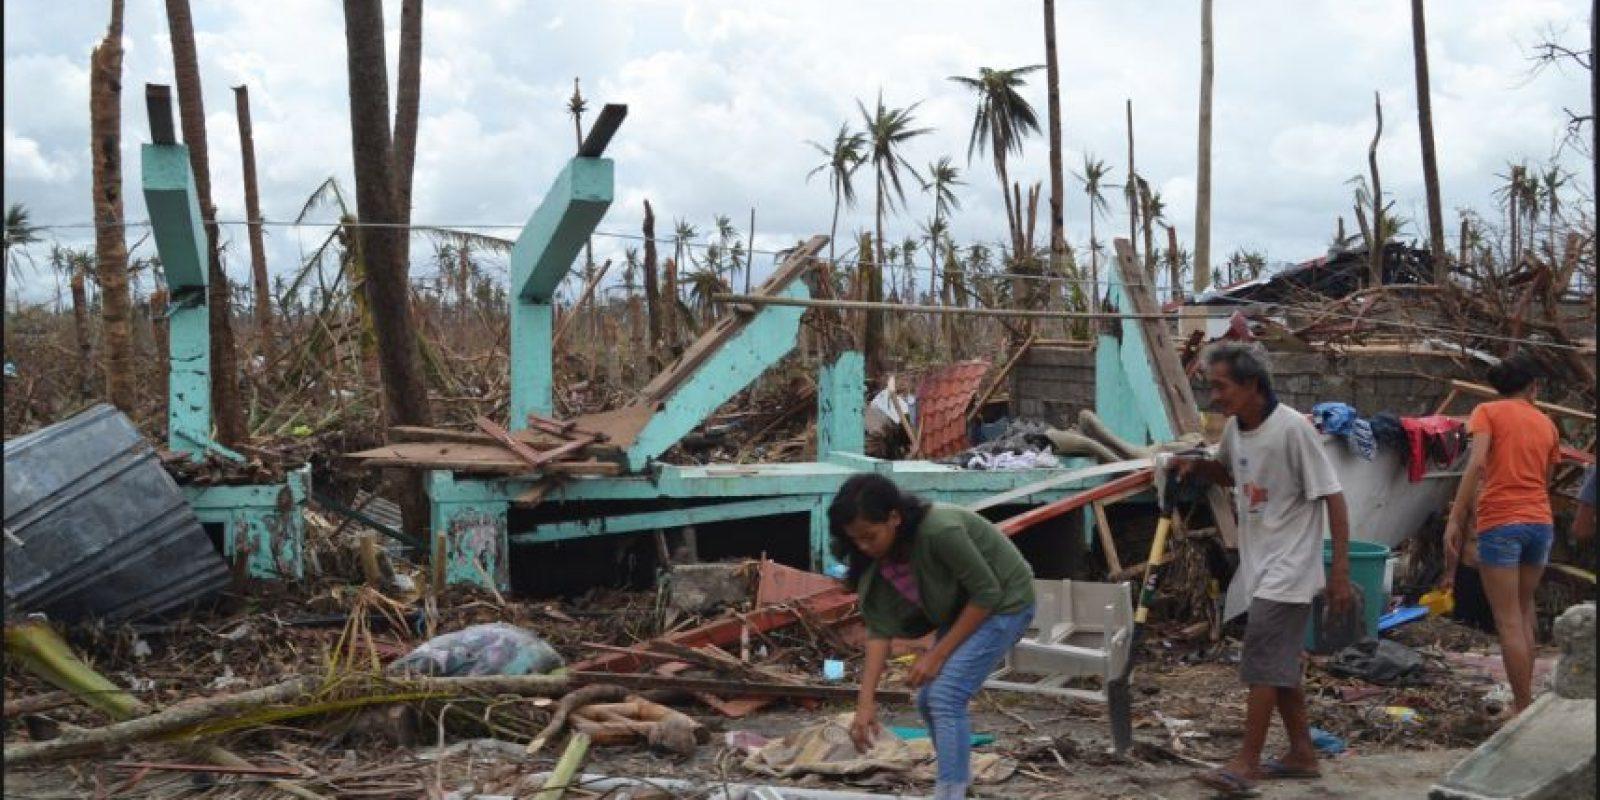 El tifón Haiyan o Yolanda el 2 de noviembre de 2013. Uno de los ciclones tropicales más intensos en la historia moderna. Mató a 6 mil 300 personas. Foto:Vía Wikimedia Commons